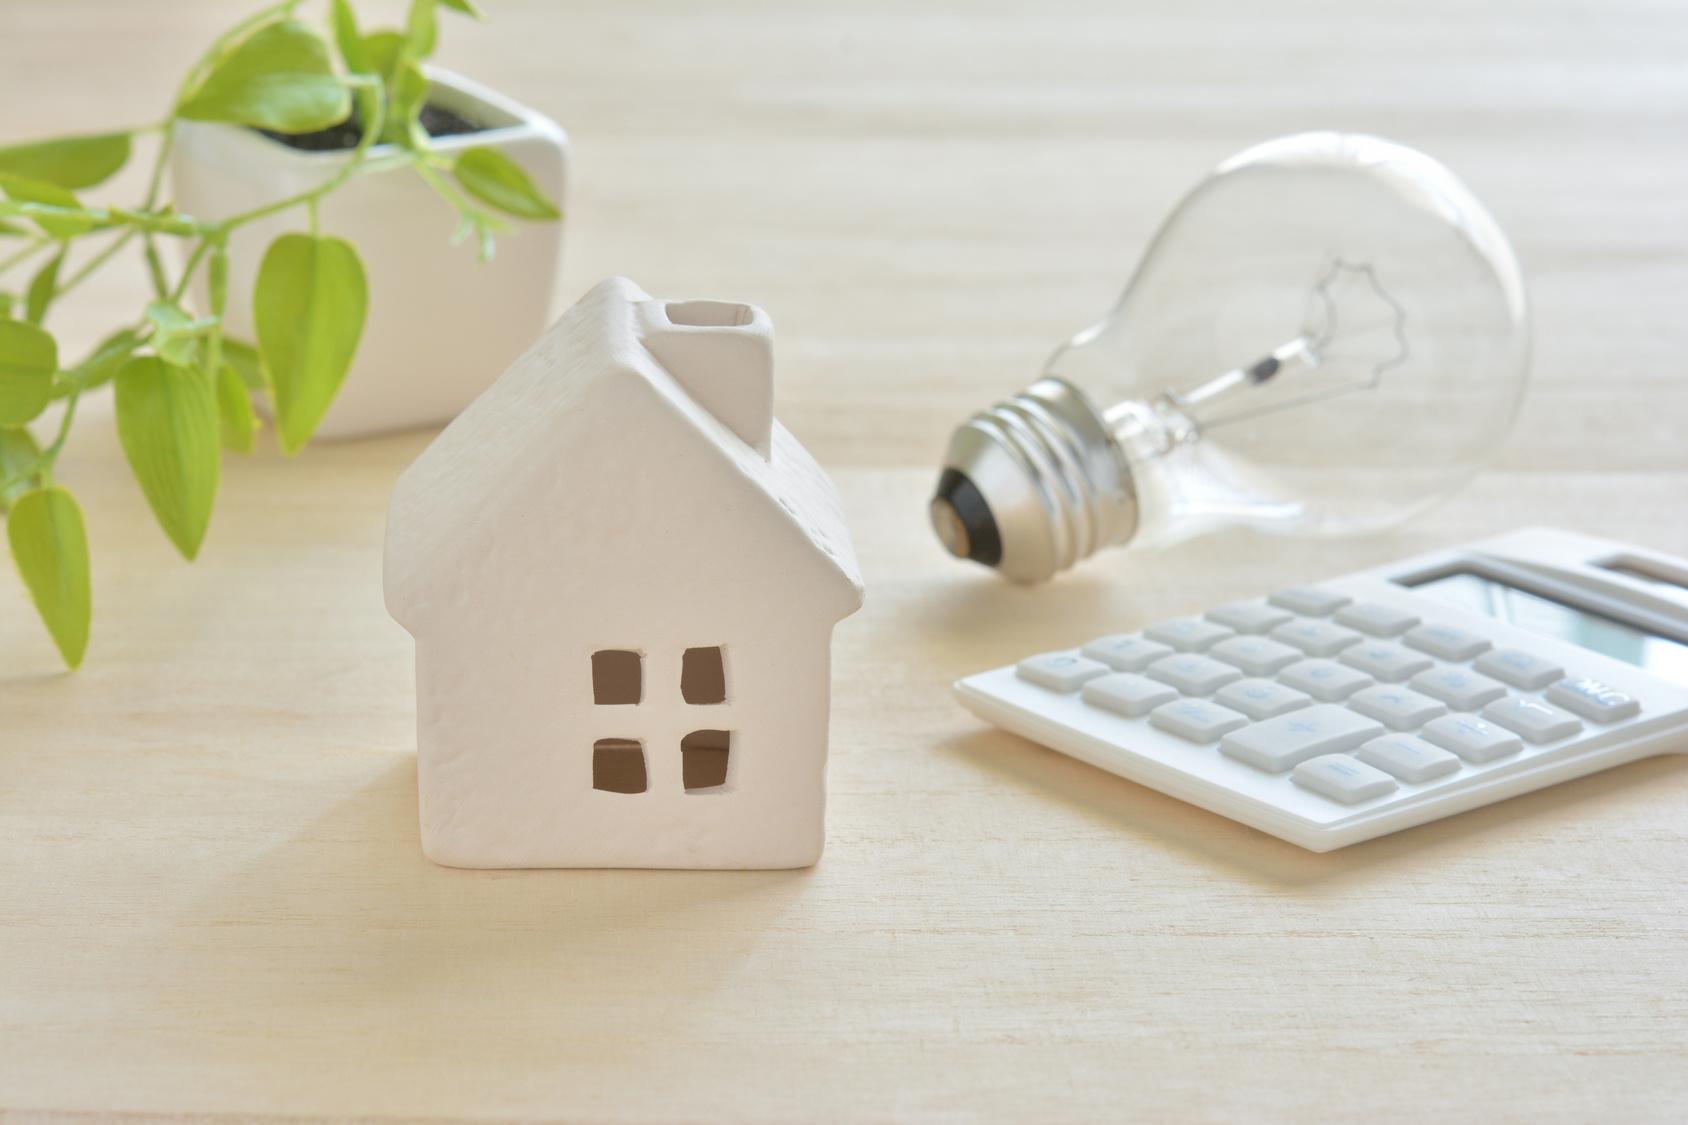 Vrai ou faux : un logement respectueux de l'environnement coûte plus cher